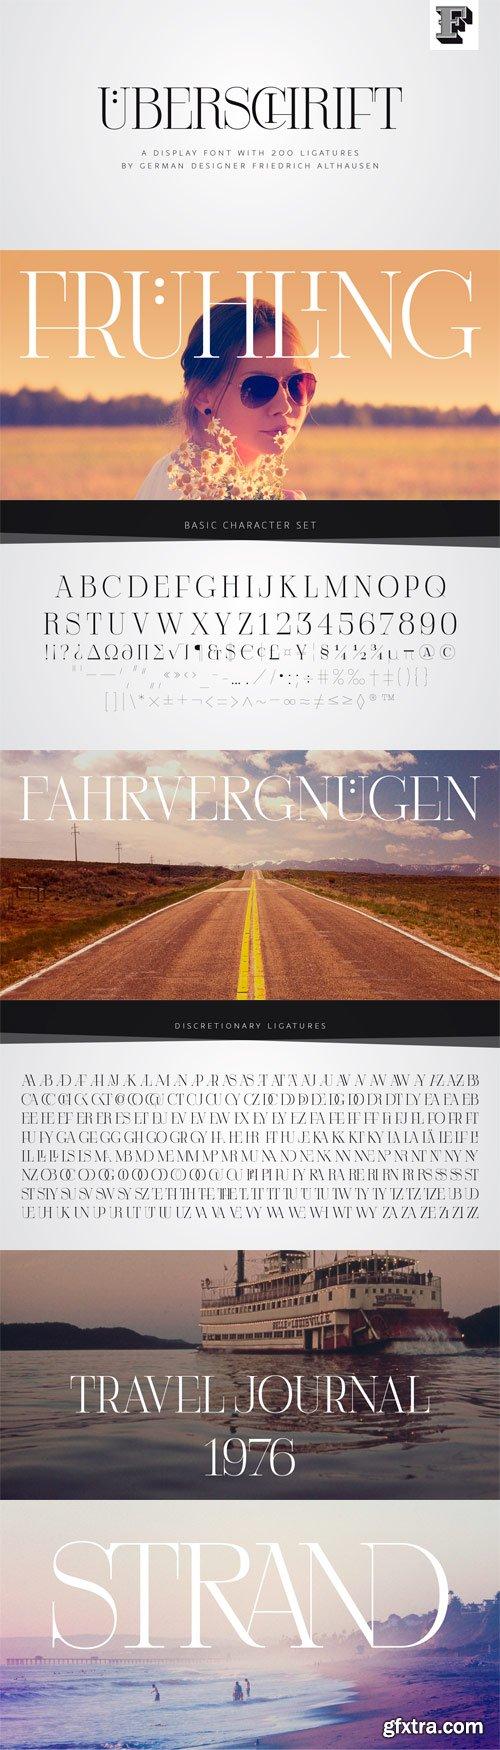 Uberschrift Font for $25